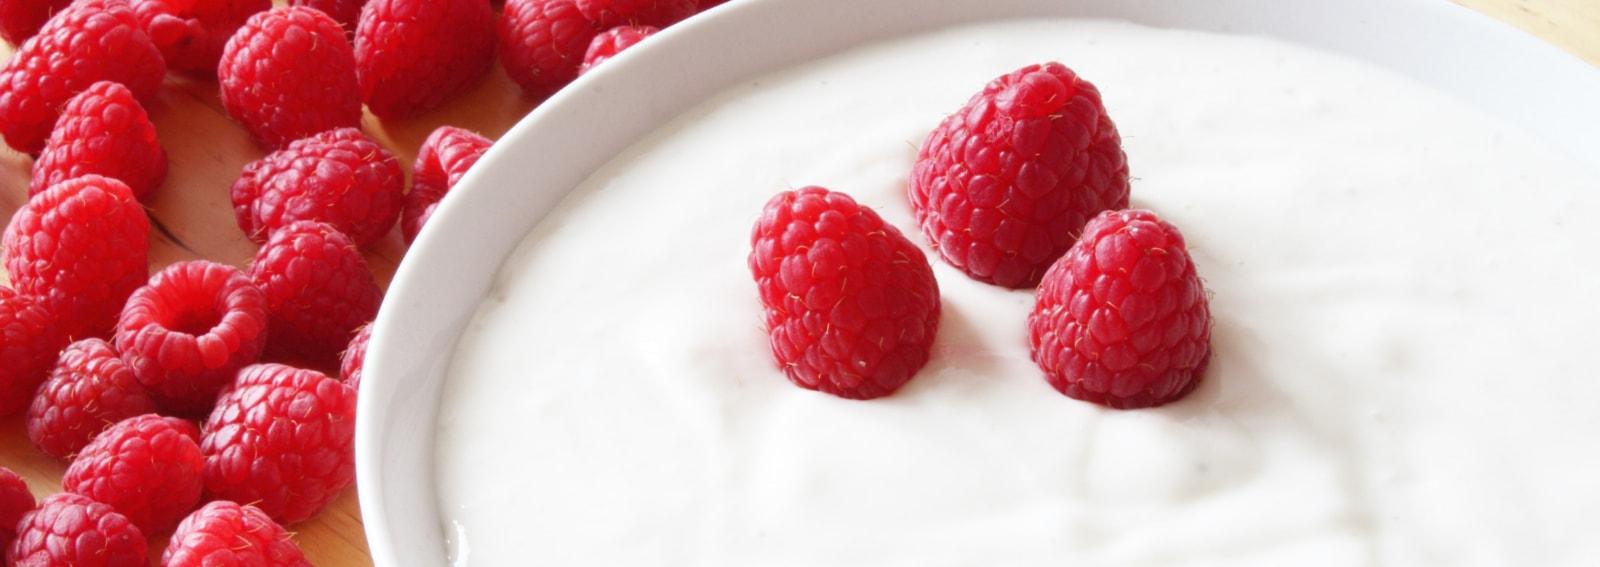 Activia Danone scegliere lo yogurt benessere salute DESK